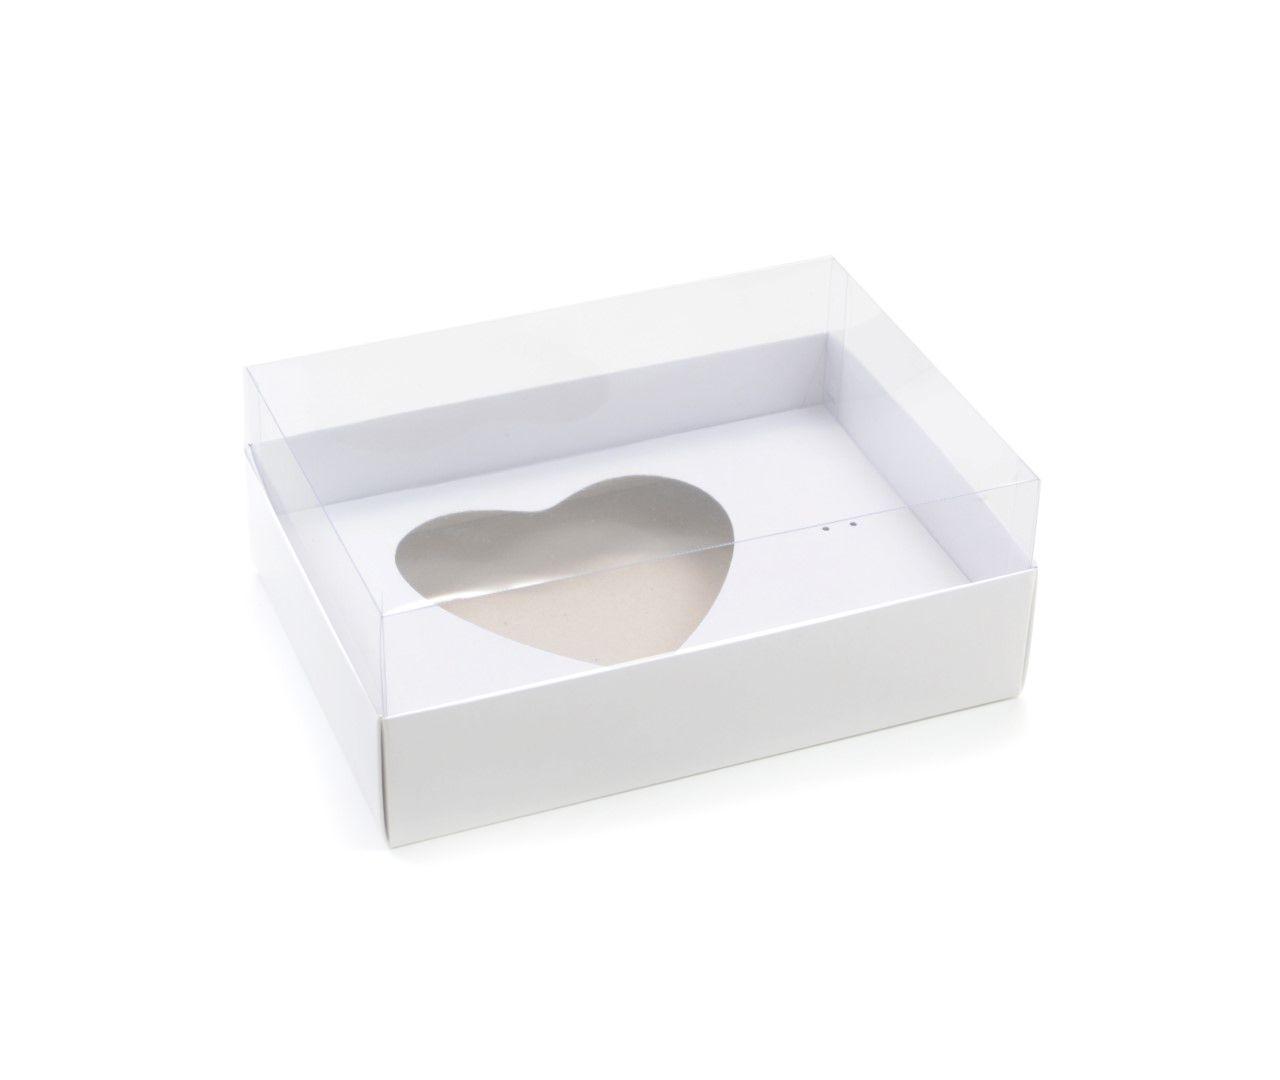 Ref 016 Branca - Caixa Coração 500gr. c/ tampa ALTA - 25x18x11 cm - c/ 10 unidades